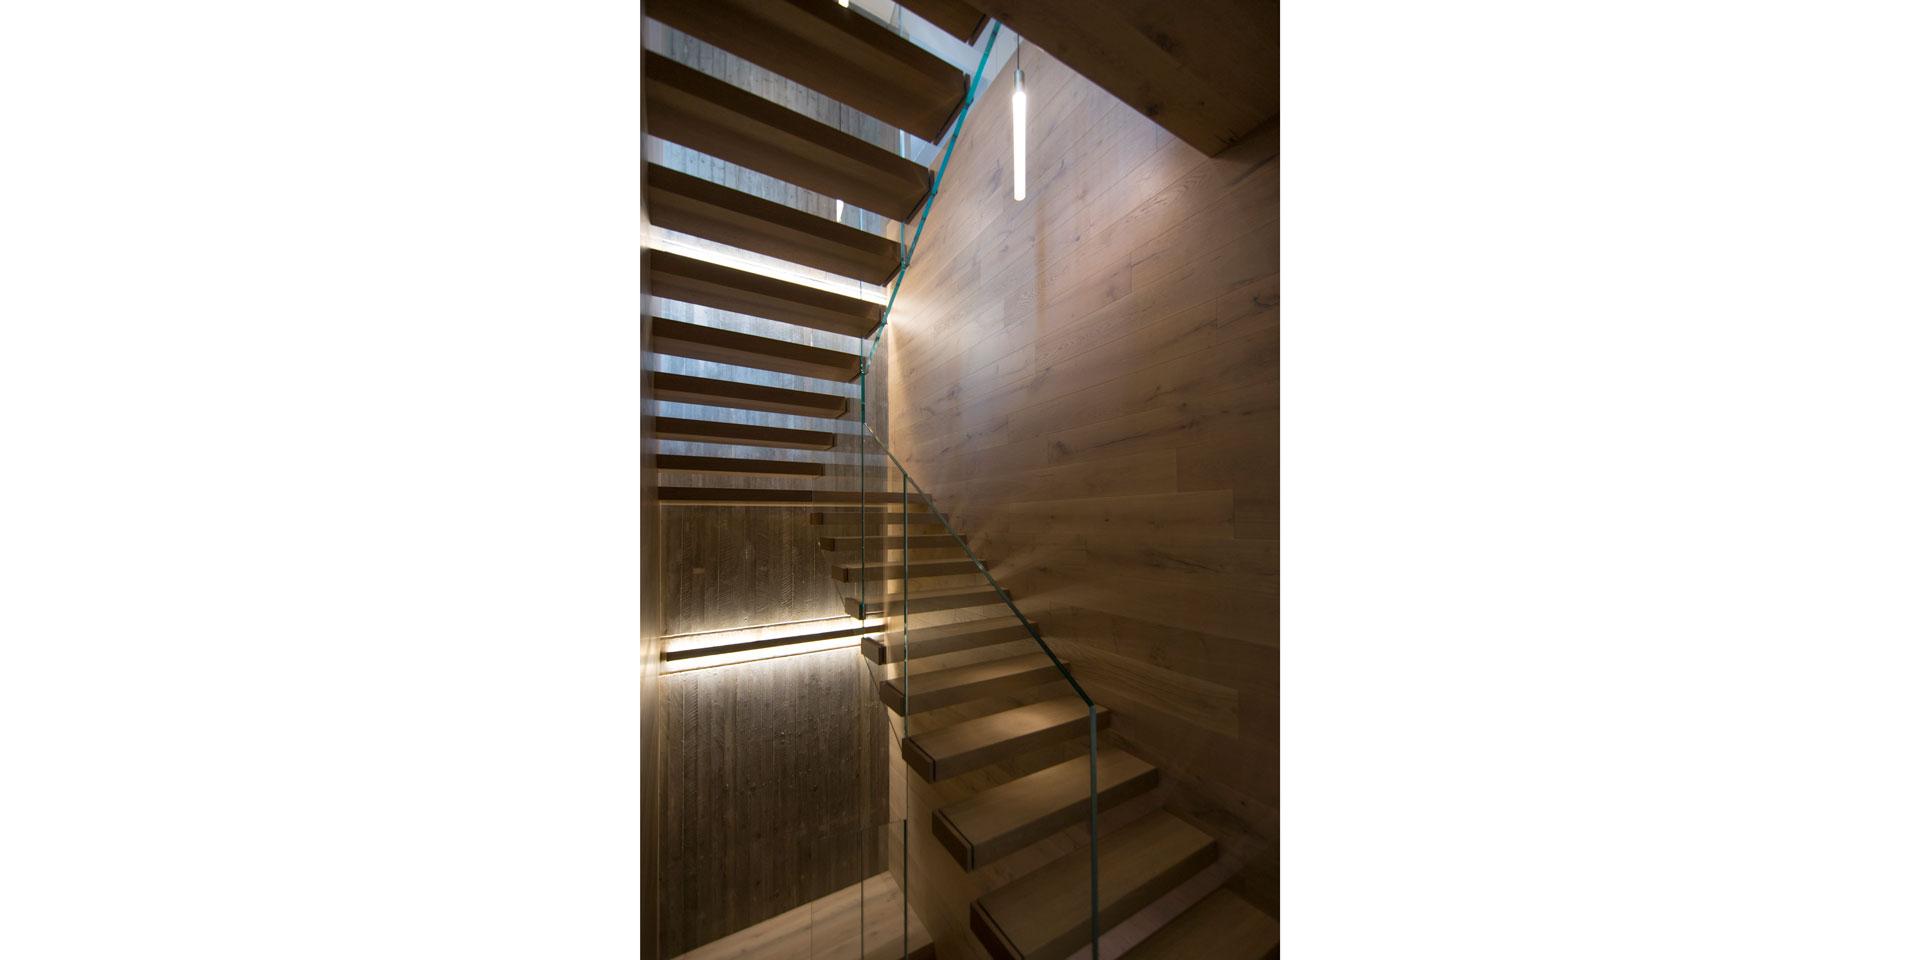 archinow_MAR_residenza-privata-rimini_18-1